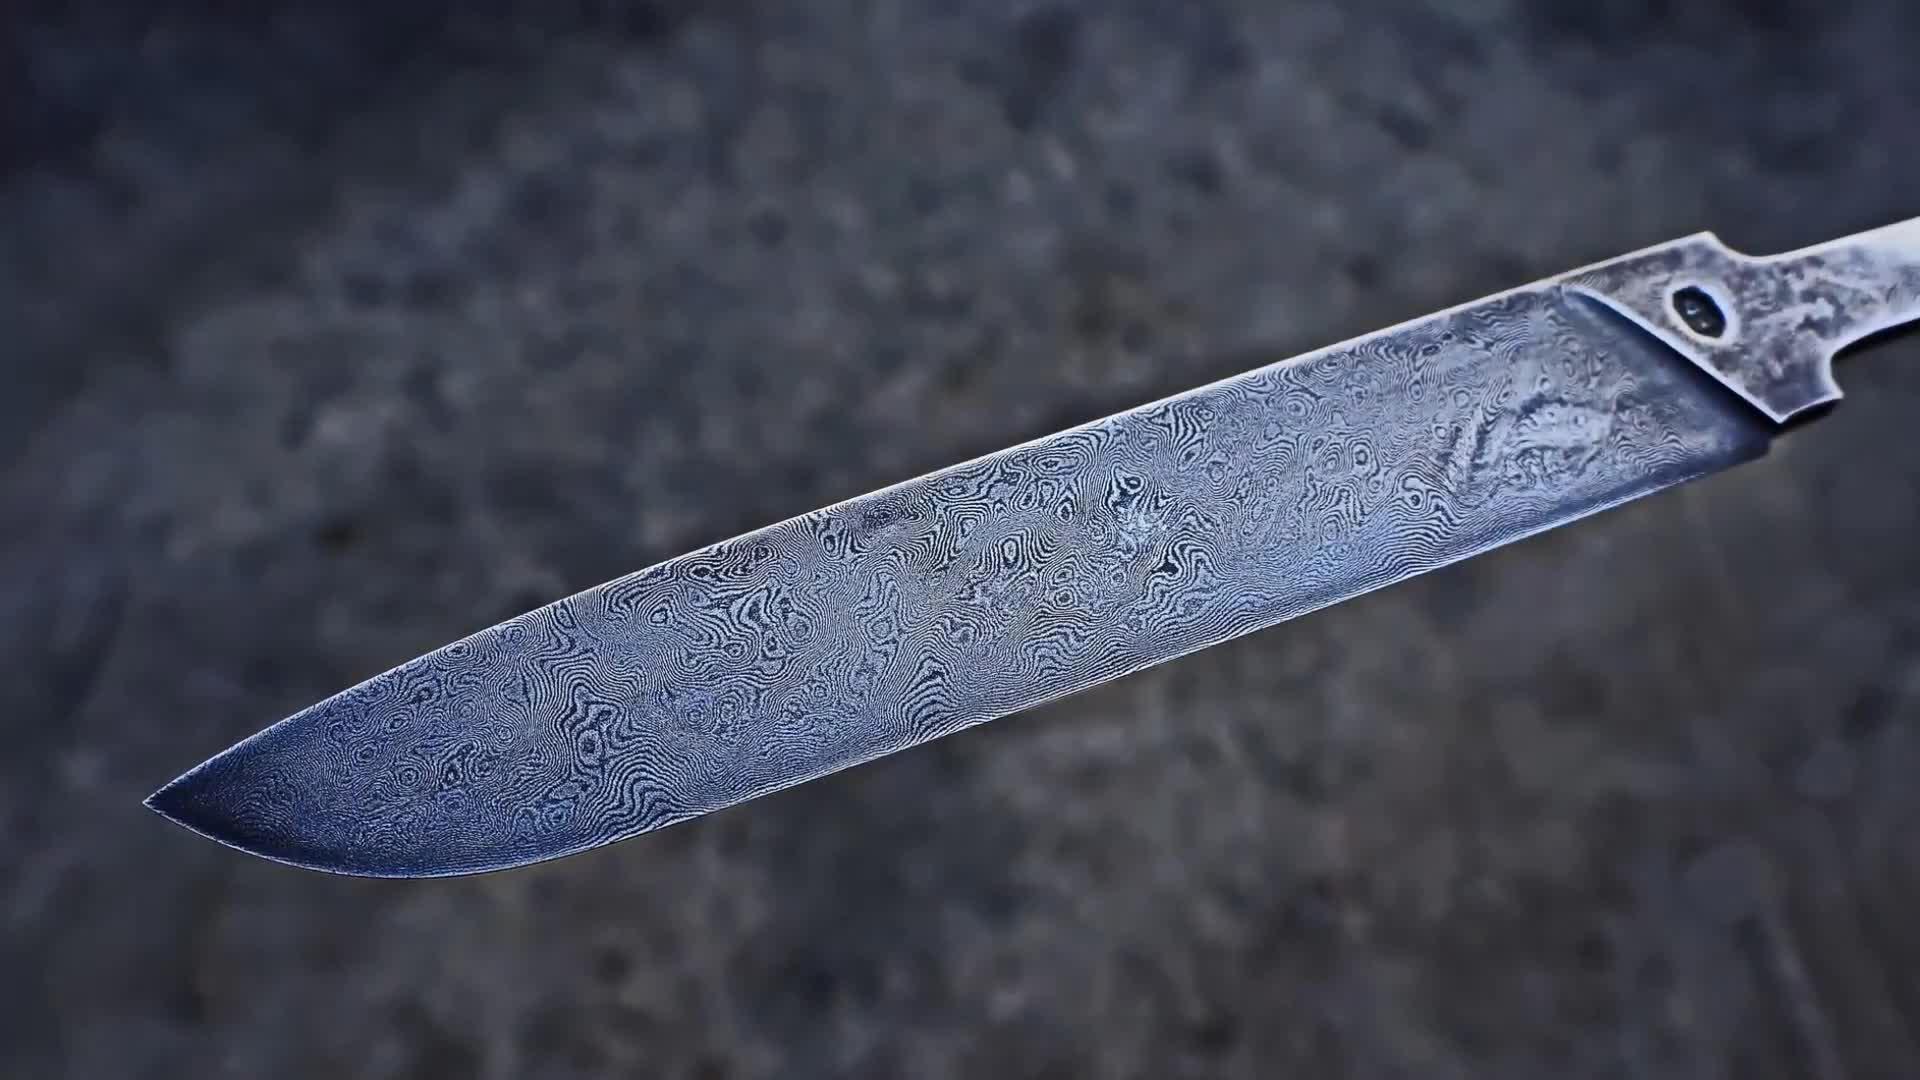 【刀制作】用两个卷尺和100片美工刀打造的大马士革刀